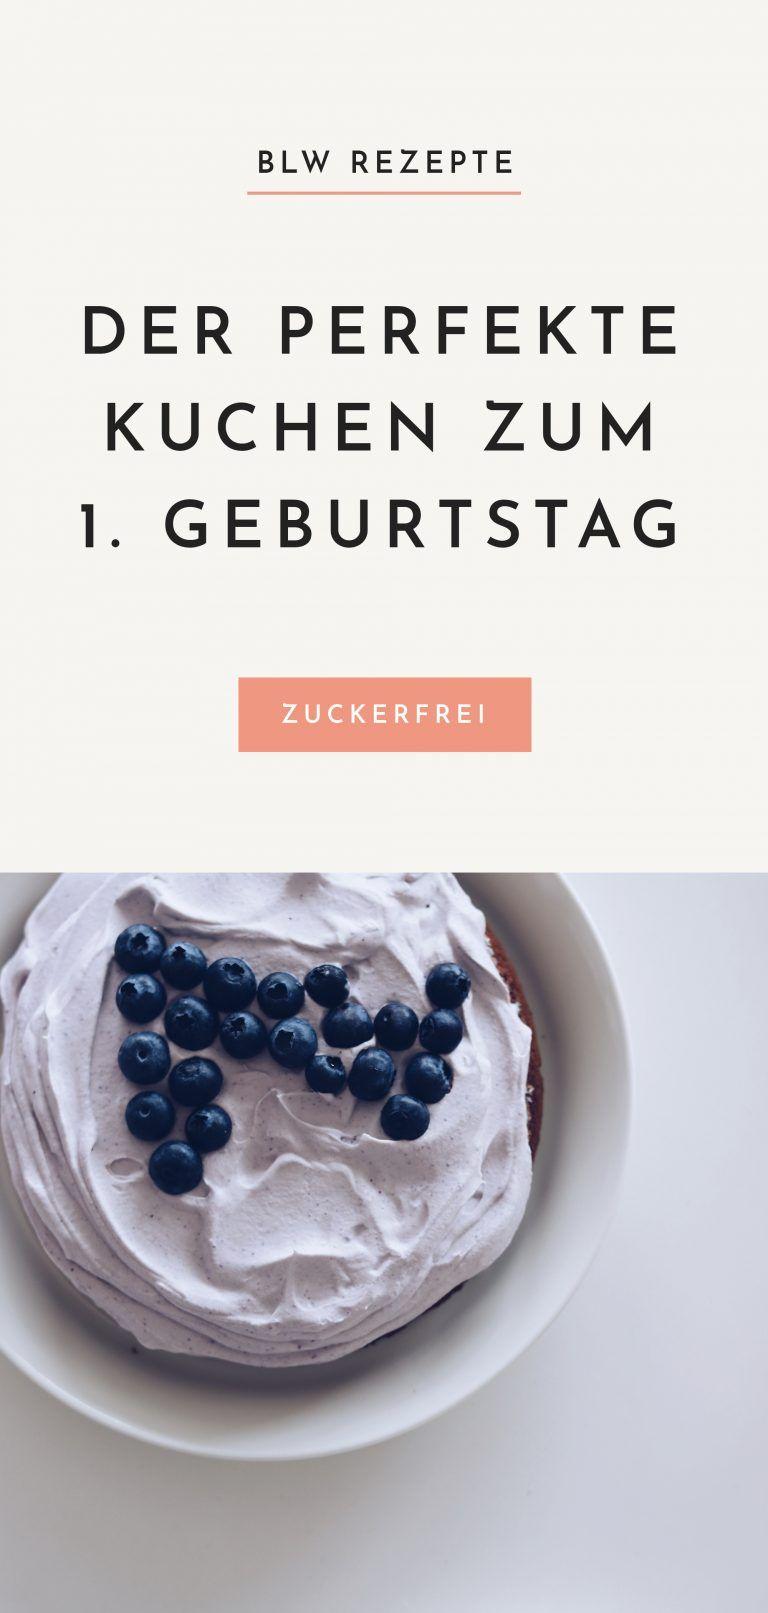 BLW Rezepte: Der perfekte Kuchen zum 1. Geburtstag #simpleicingrecipe